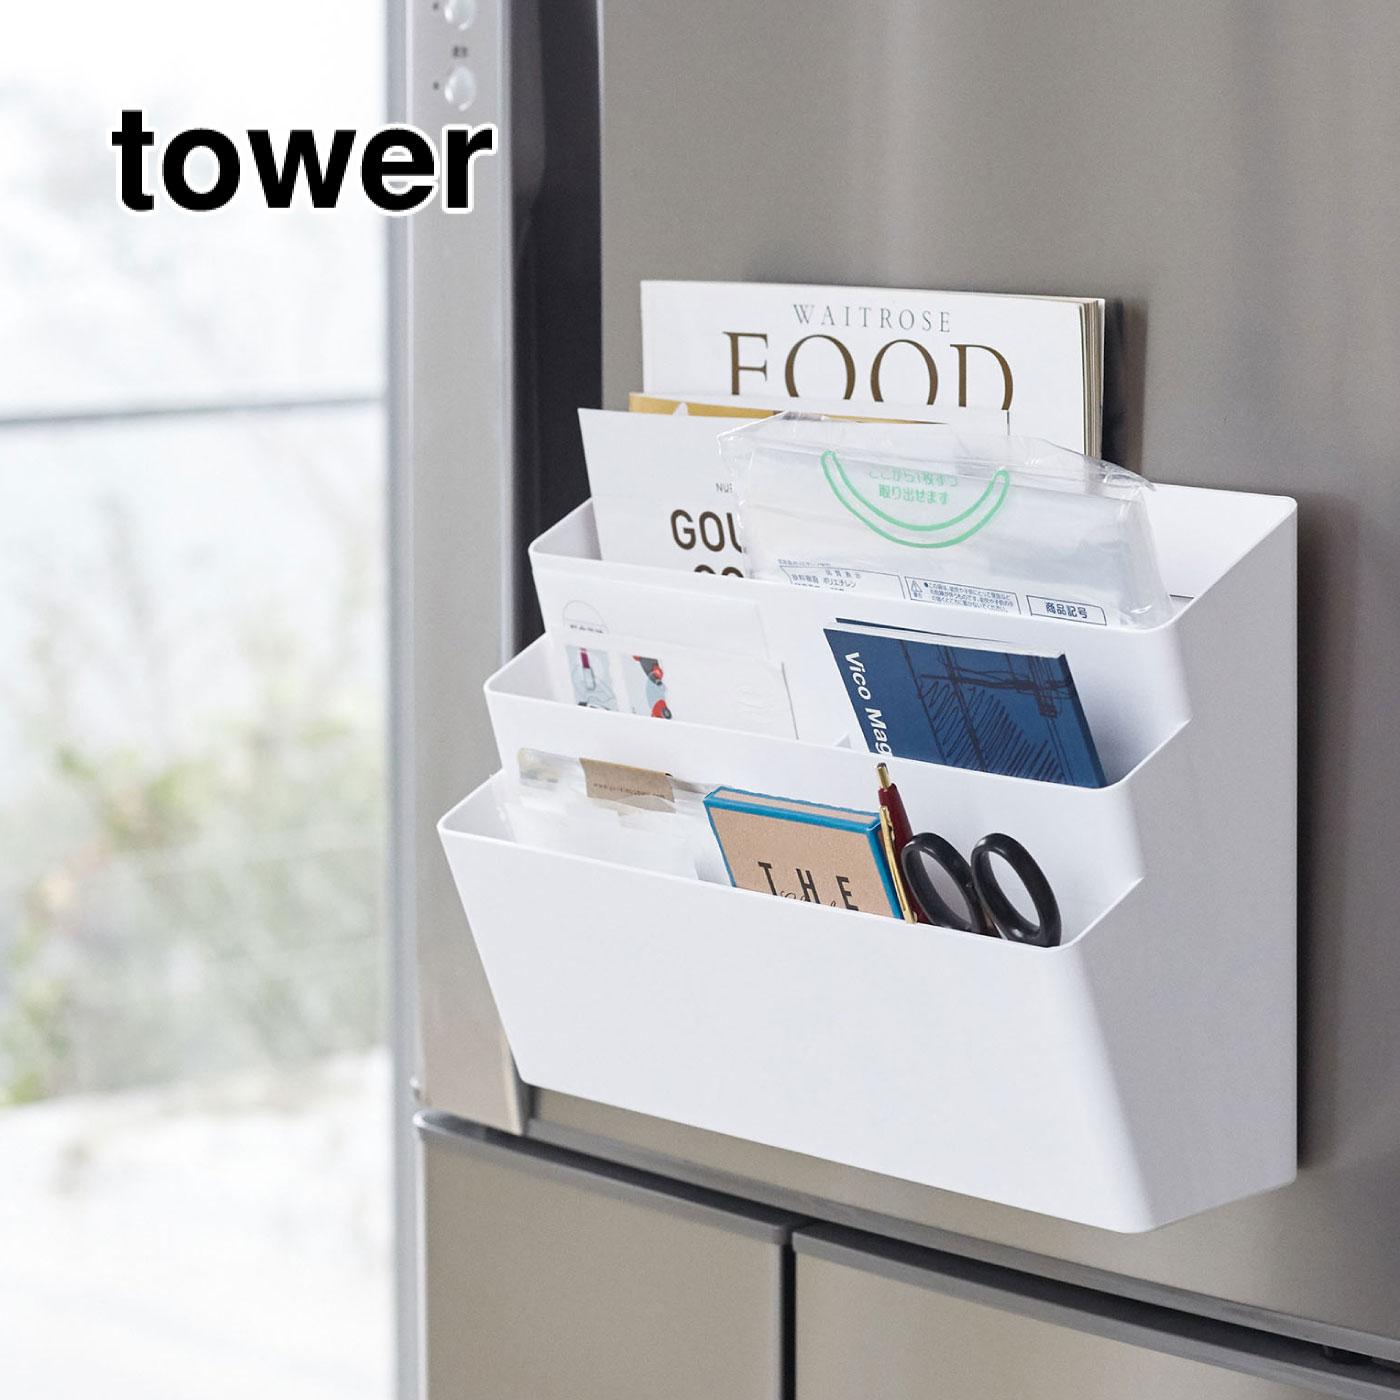 tower 冷蔵庫横マグネット収納ポケット 3段